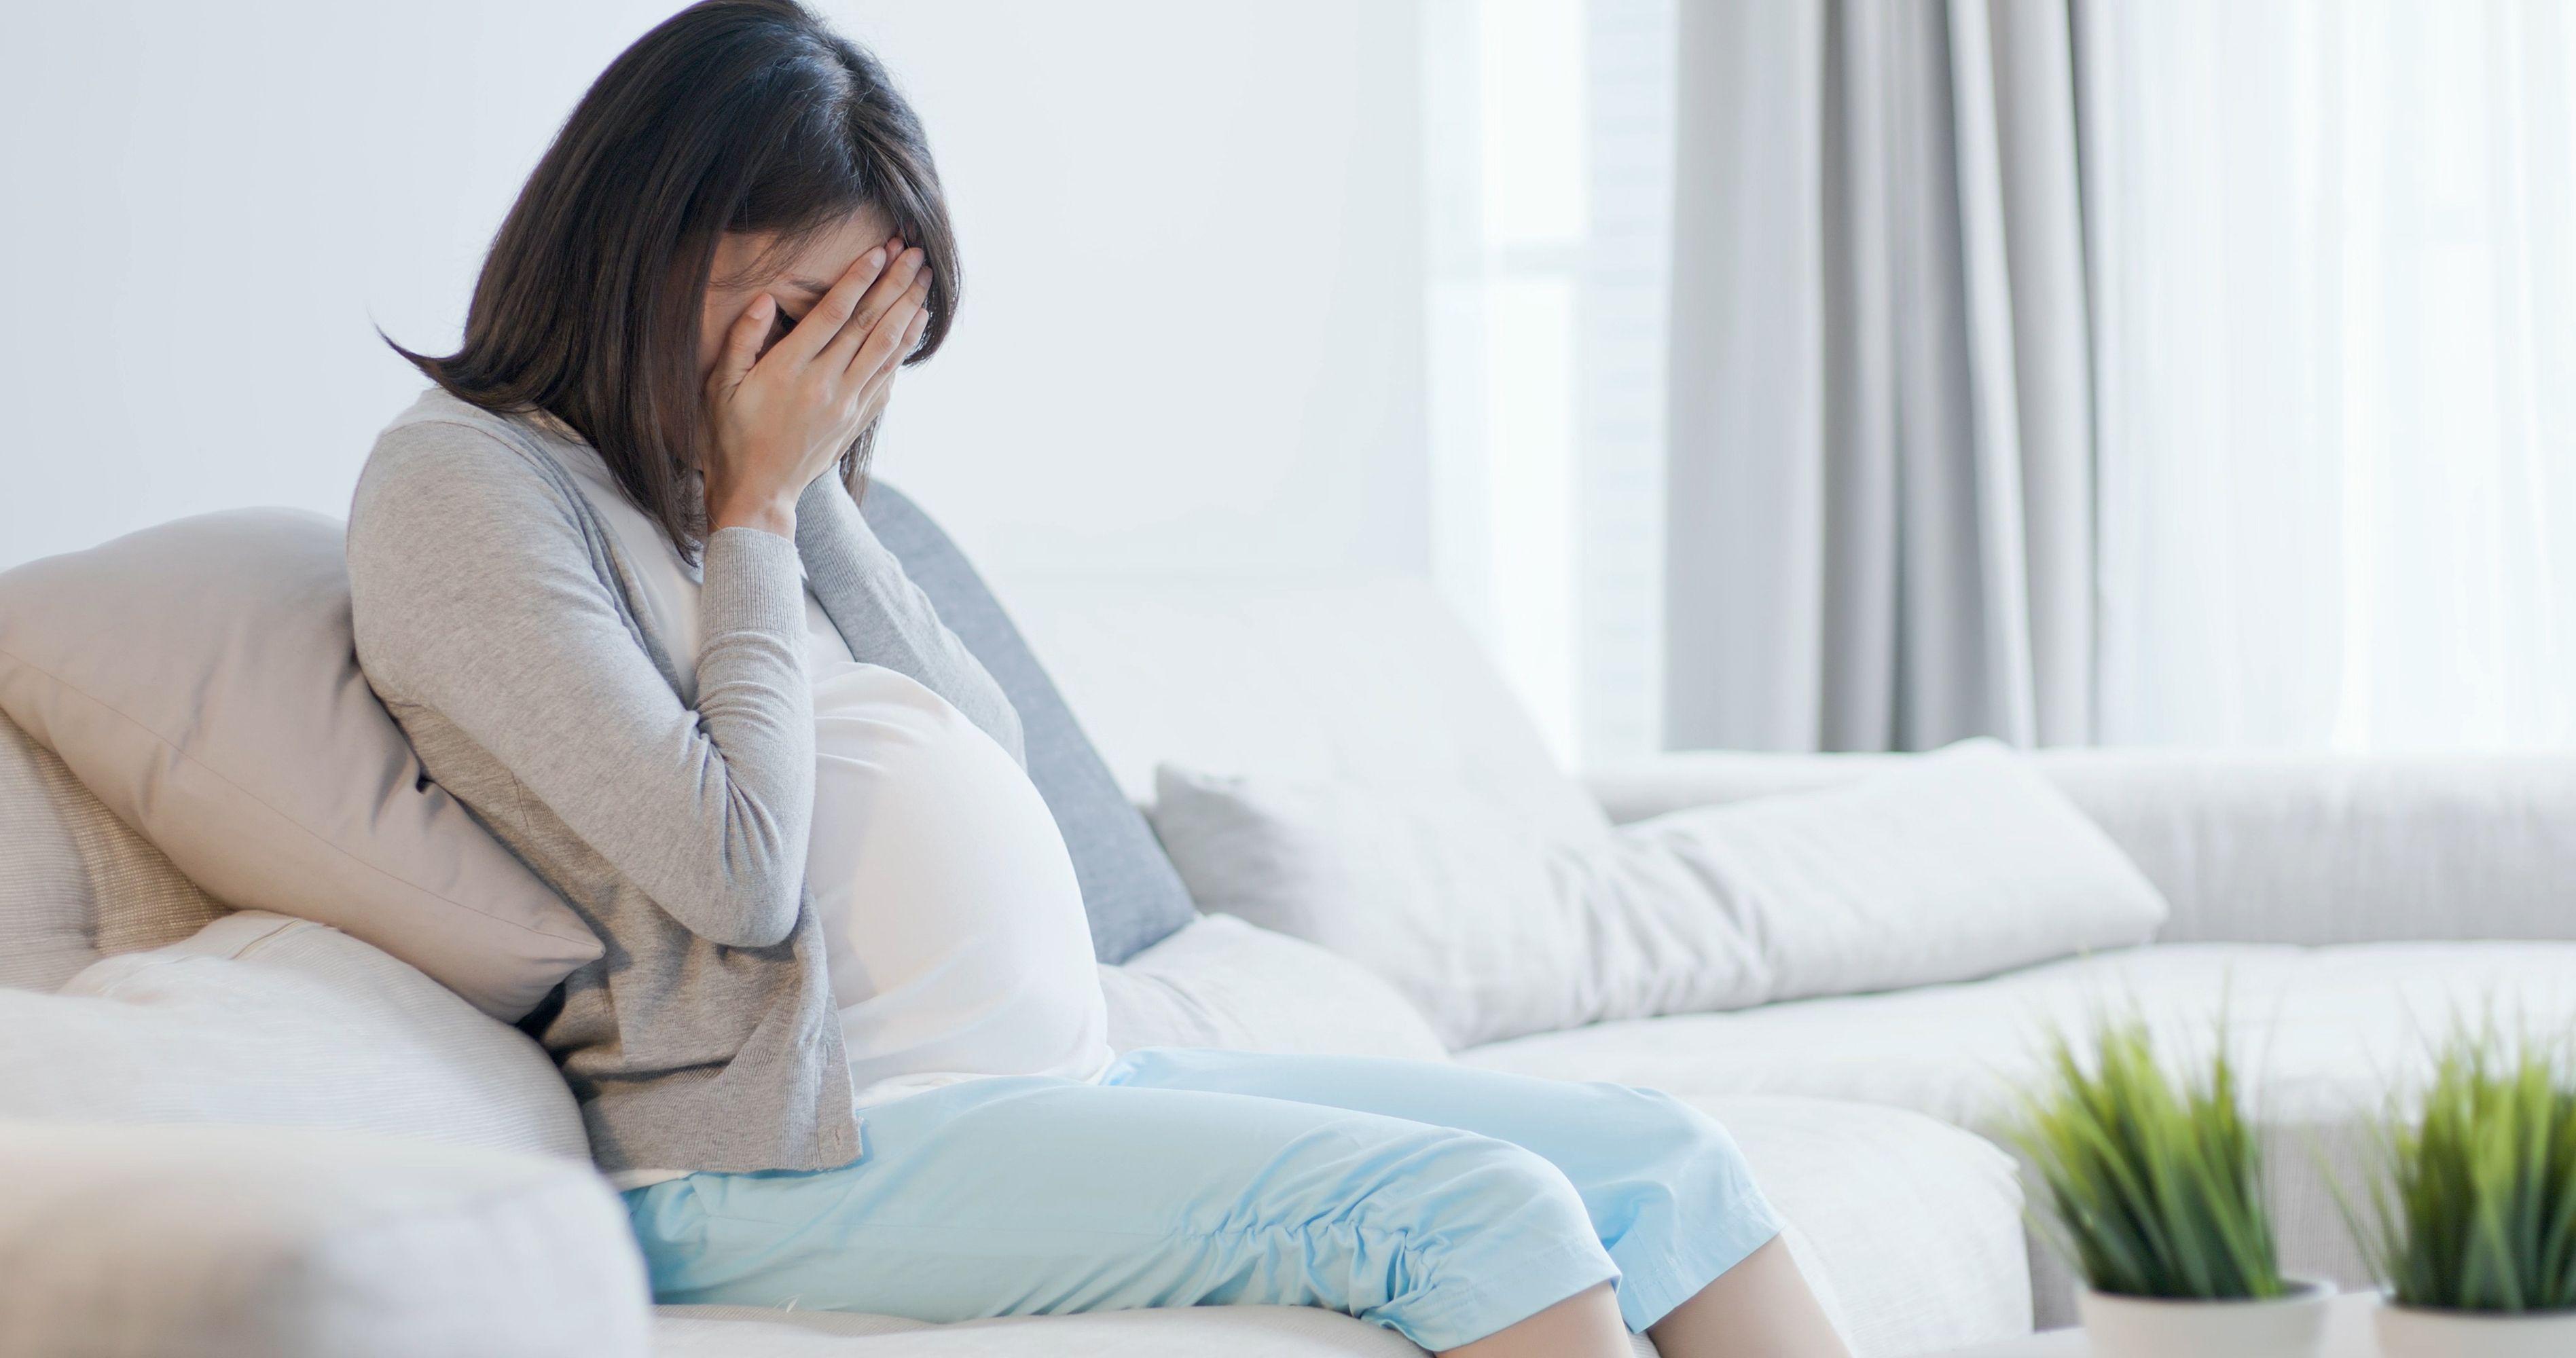 Почти половина беременных с тяжелым токсикозом страдает от депрессии